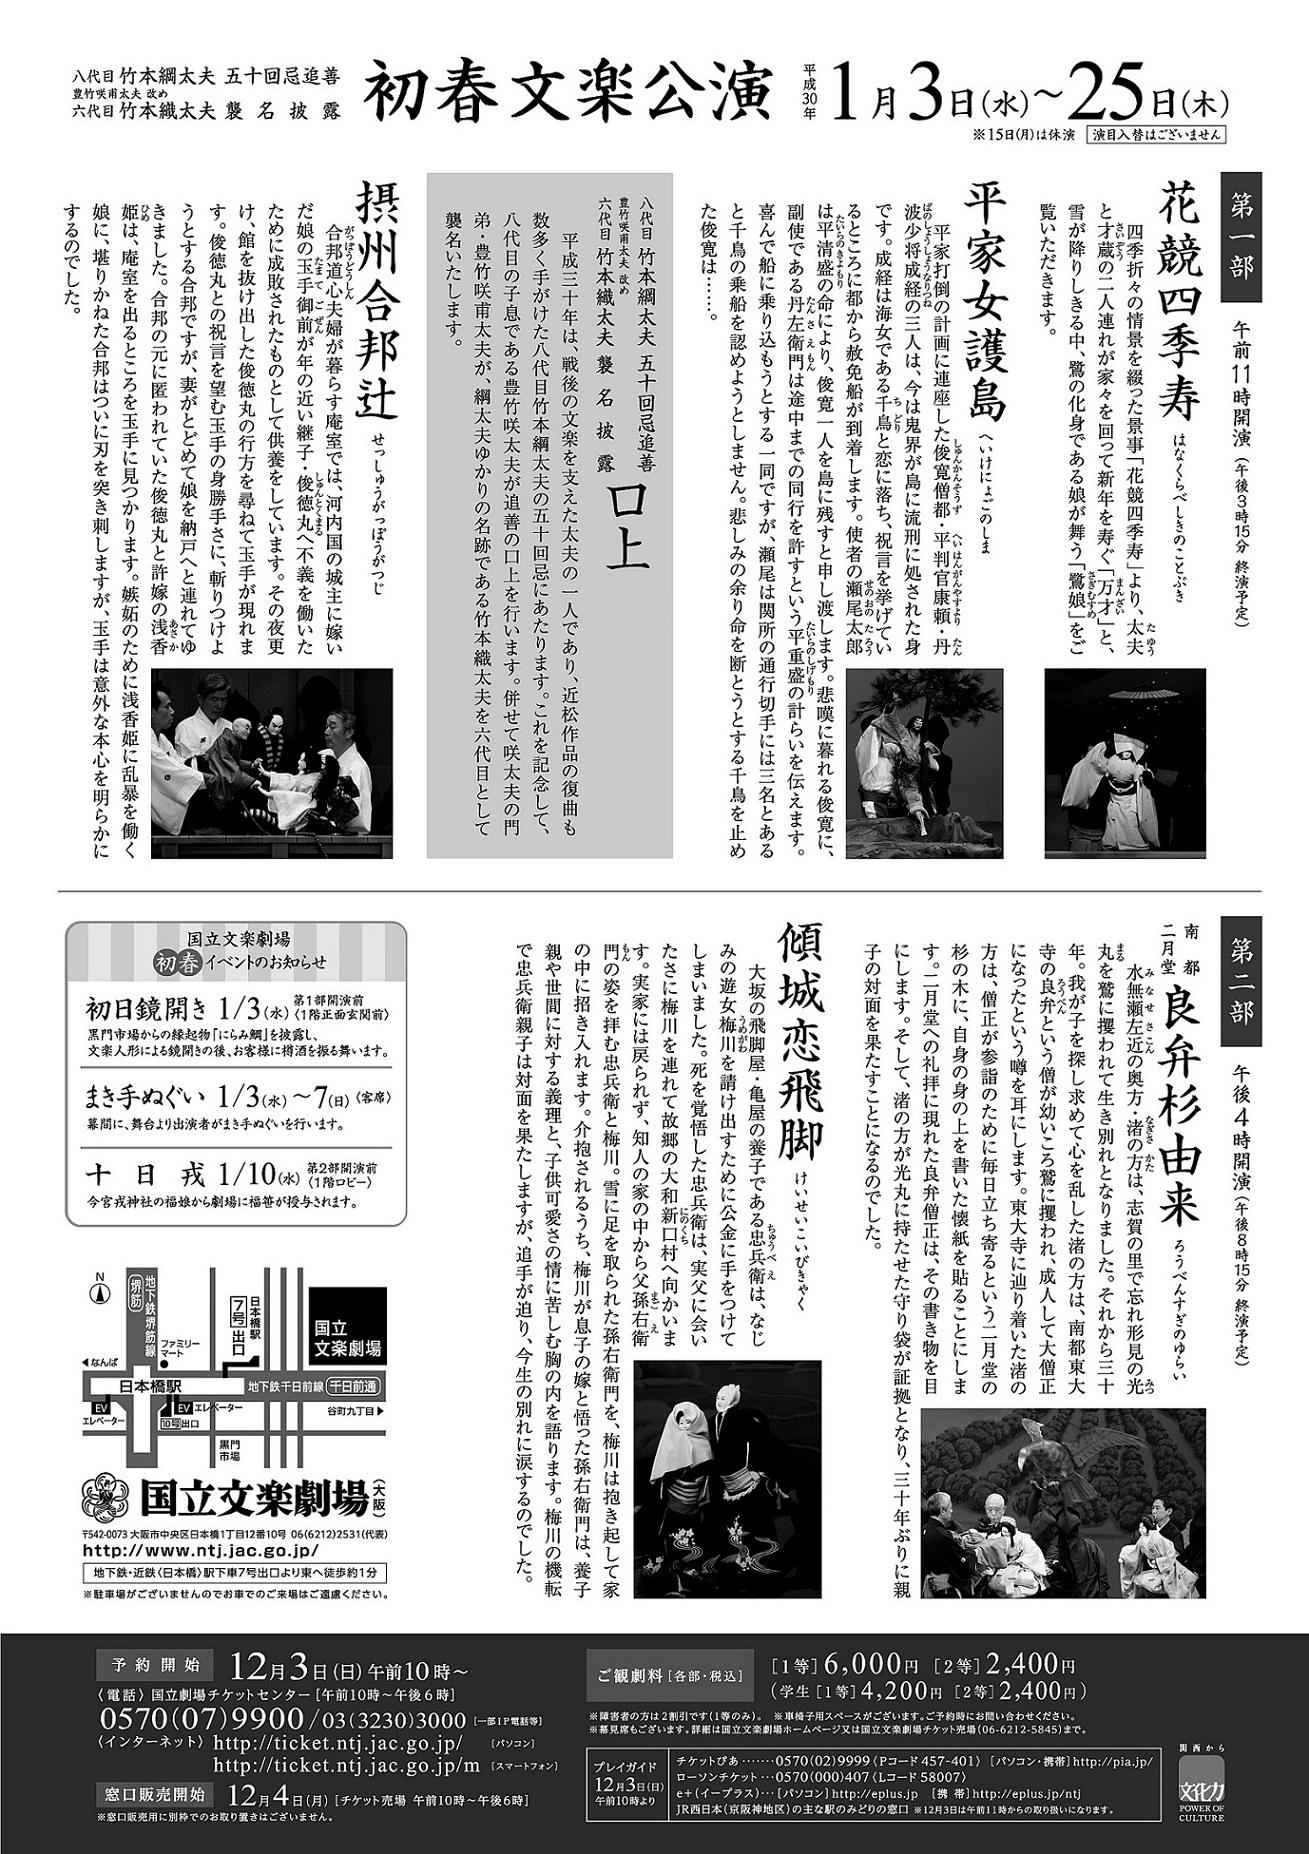 文楽劇場03